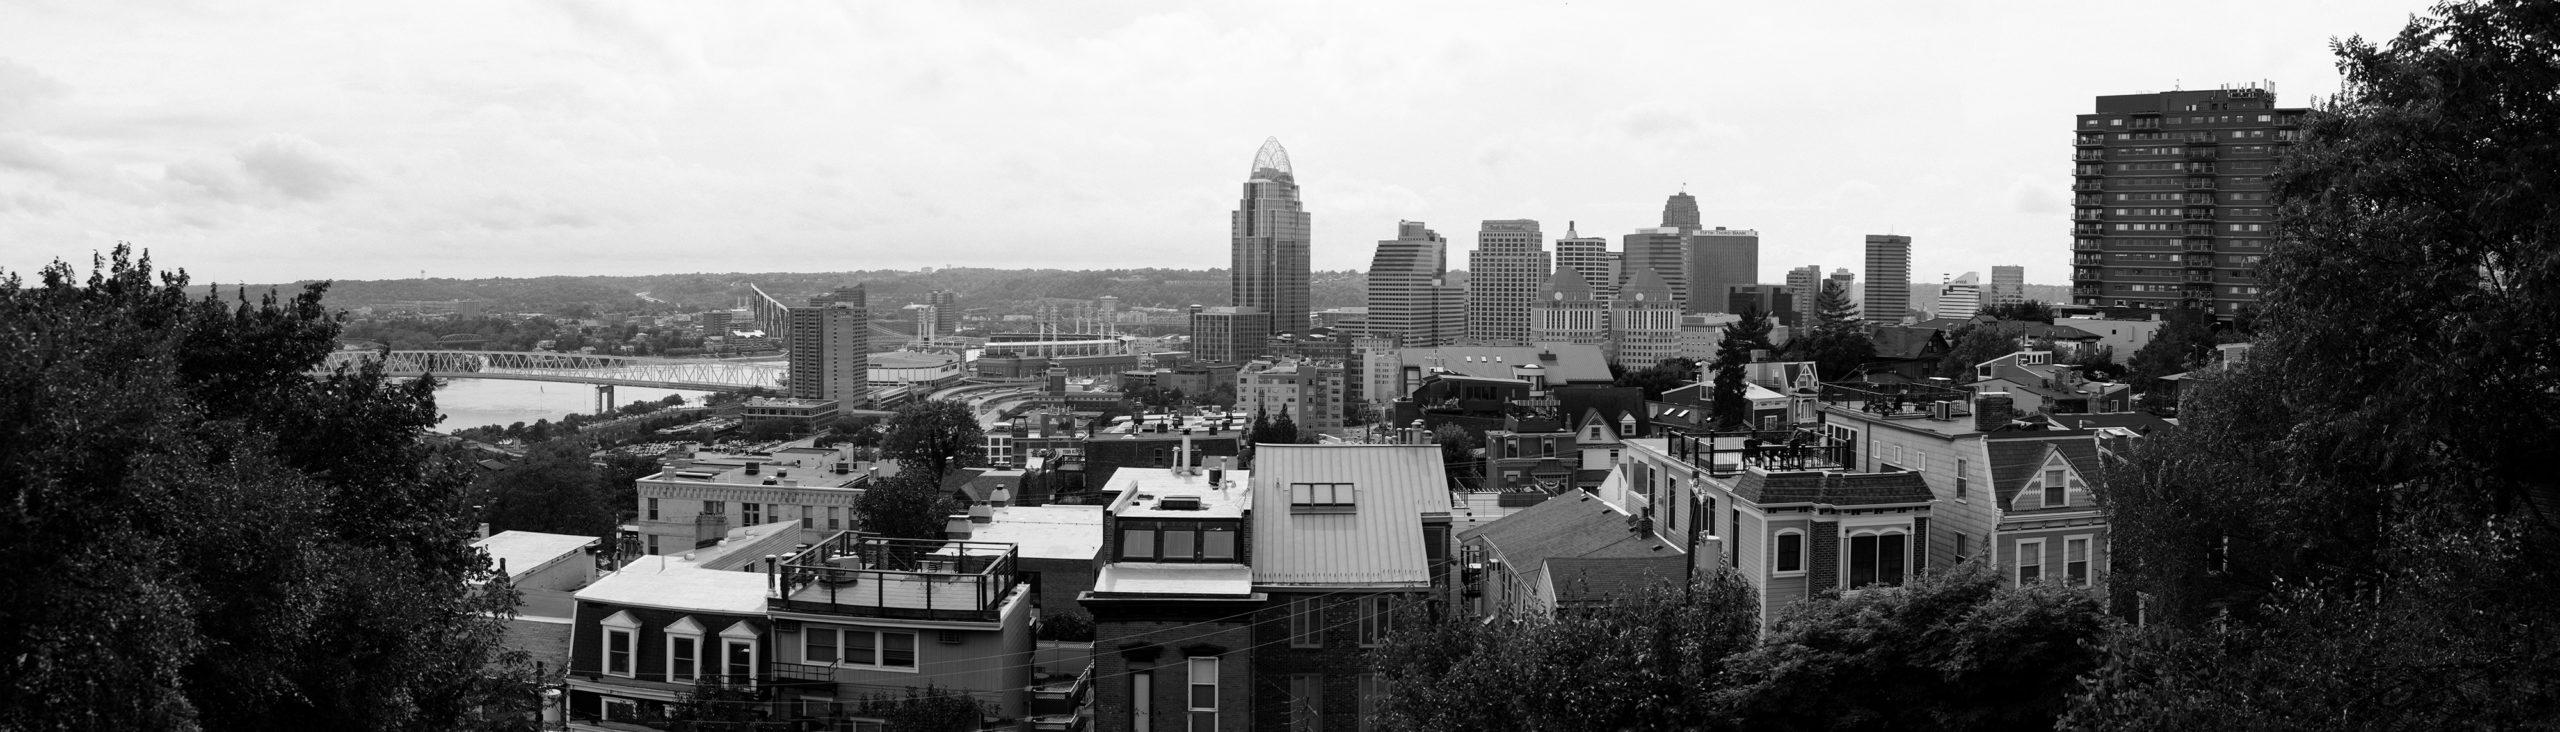 Mt. Adams view of Cincinnati Panorama